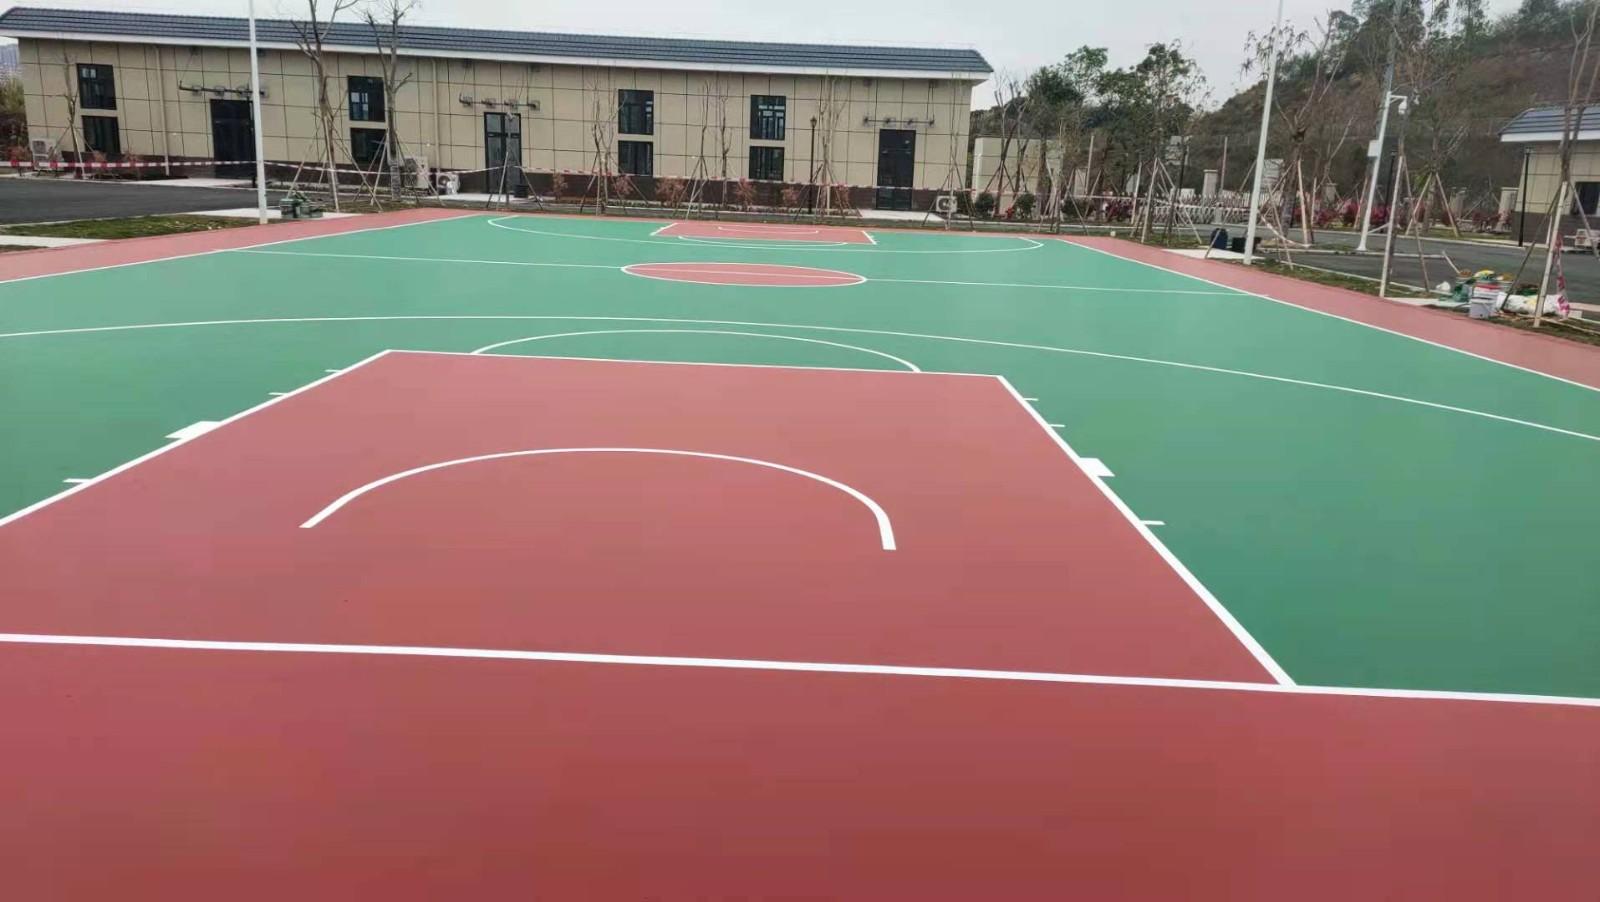 环保硅pu室外篮球场3mm 排球羽毛球网球场馆橡胶地面材料施工 厂家直销